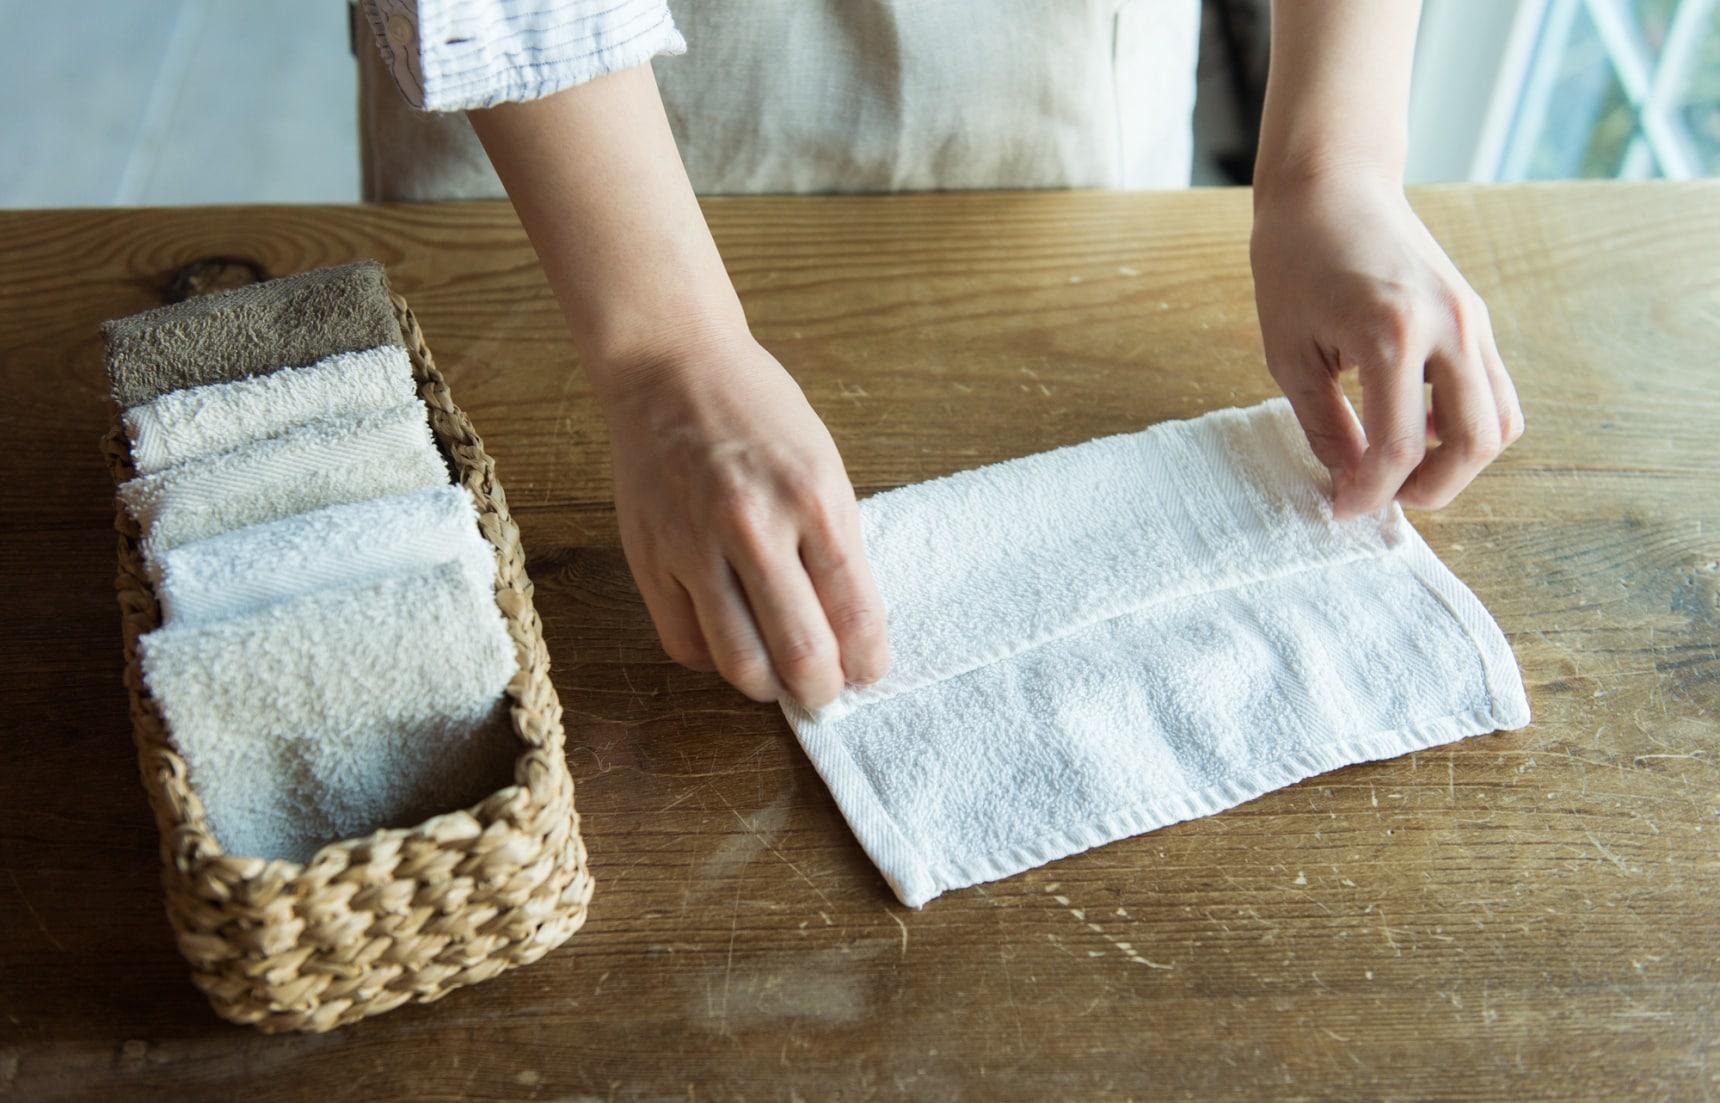 時尚之餘 更是體現日常生活習慣的必備品!淺談日本的手帕文化